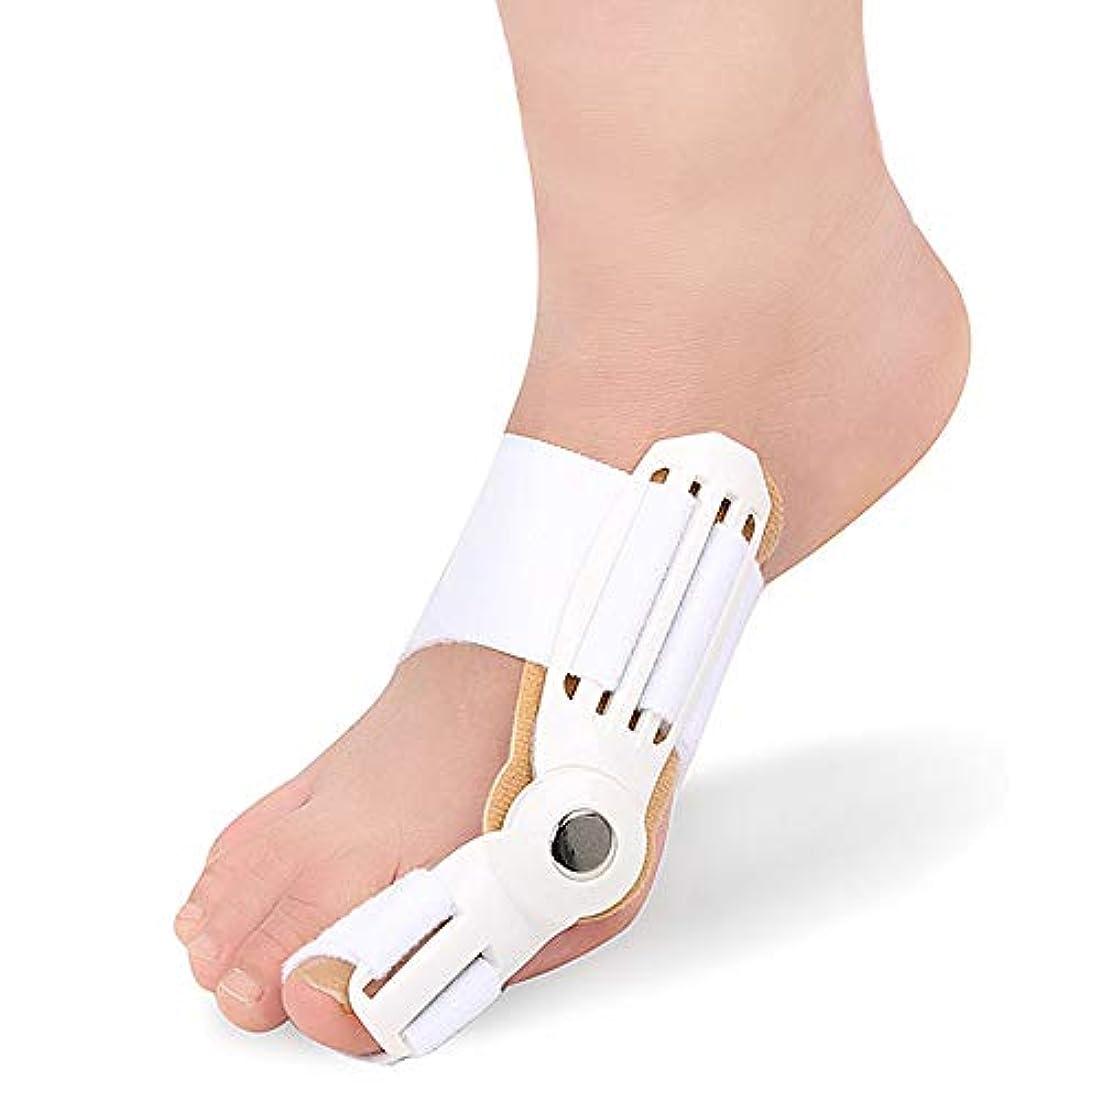 実行誠意背の高いつま先セパレーターは、ヨガのエクササイズ後のつま先重なりの腱板ユニバーサル左右ワンサイズ予防の痛みと変形を防ぎます,白